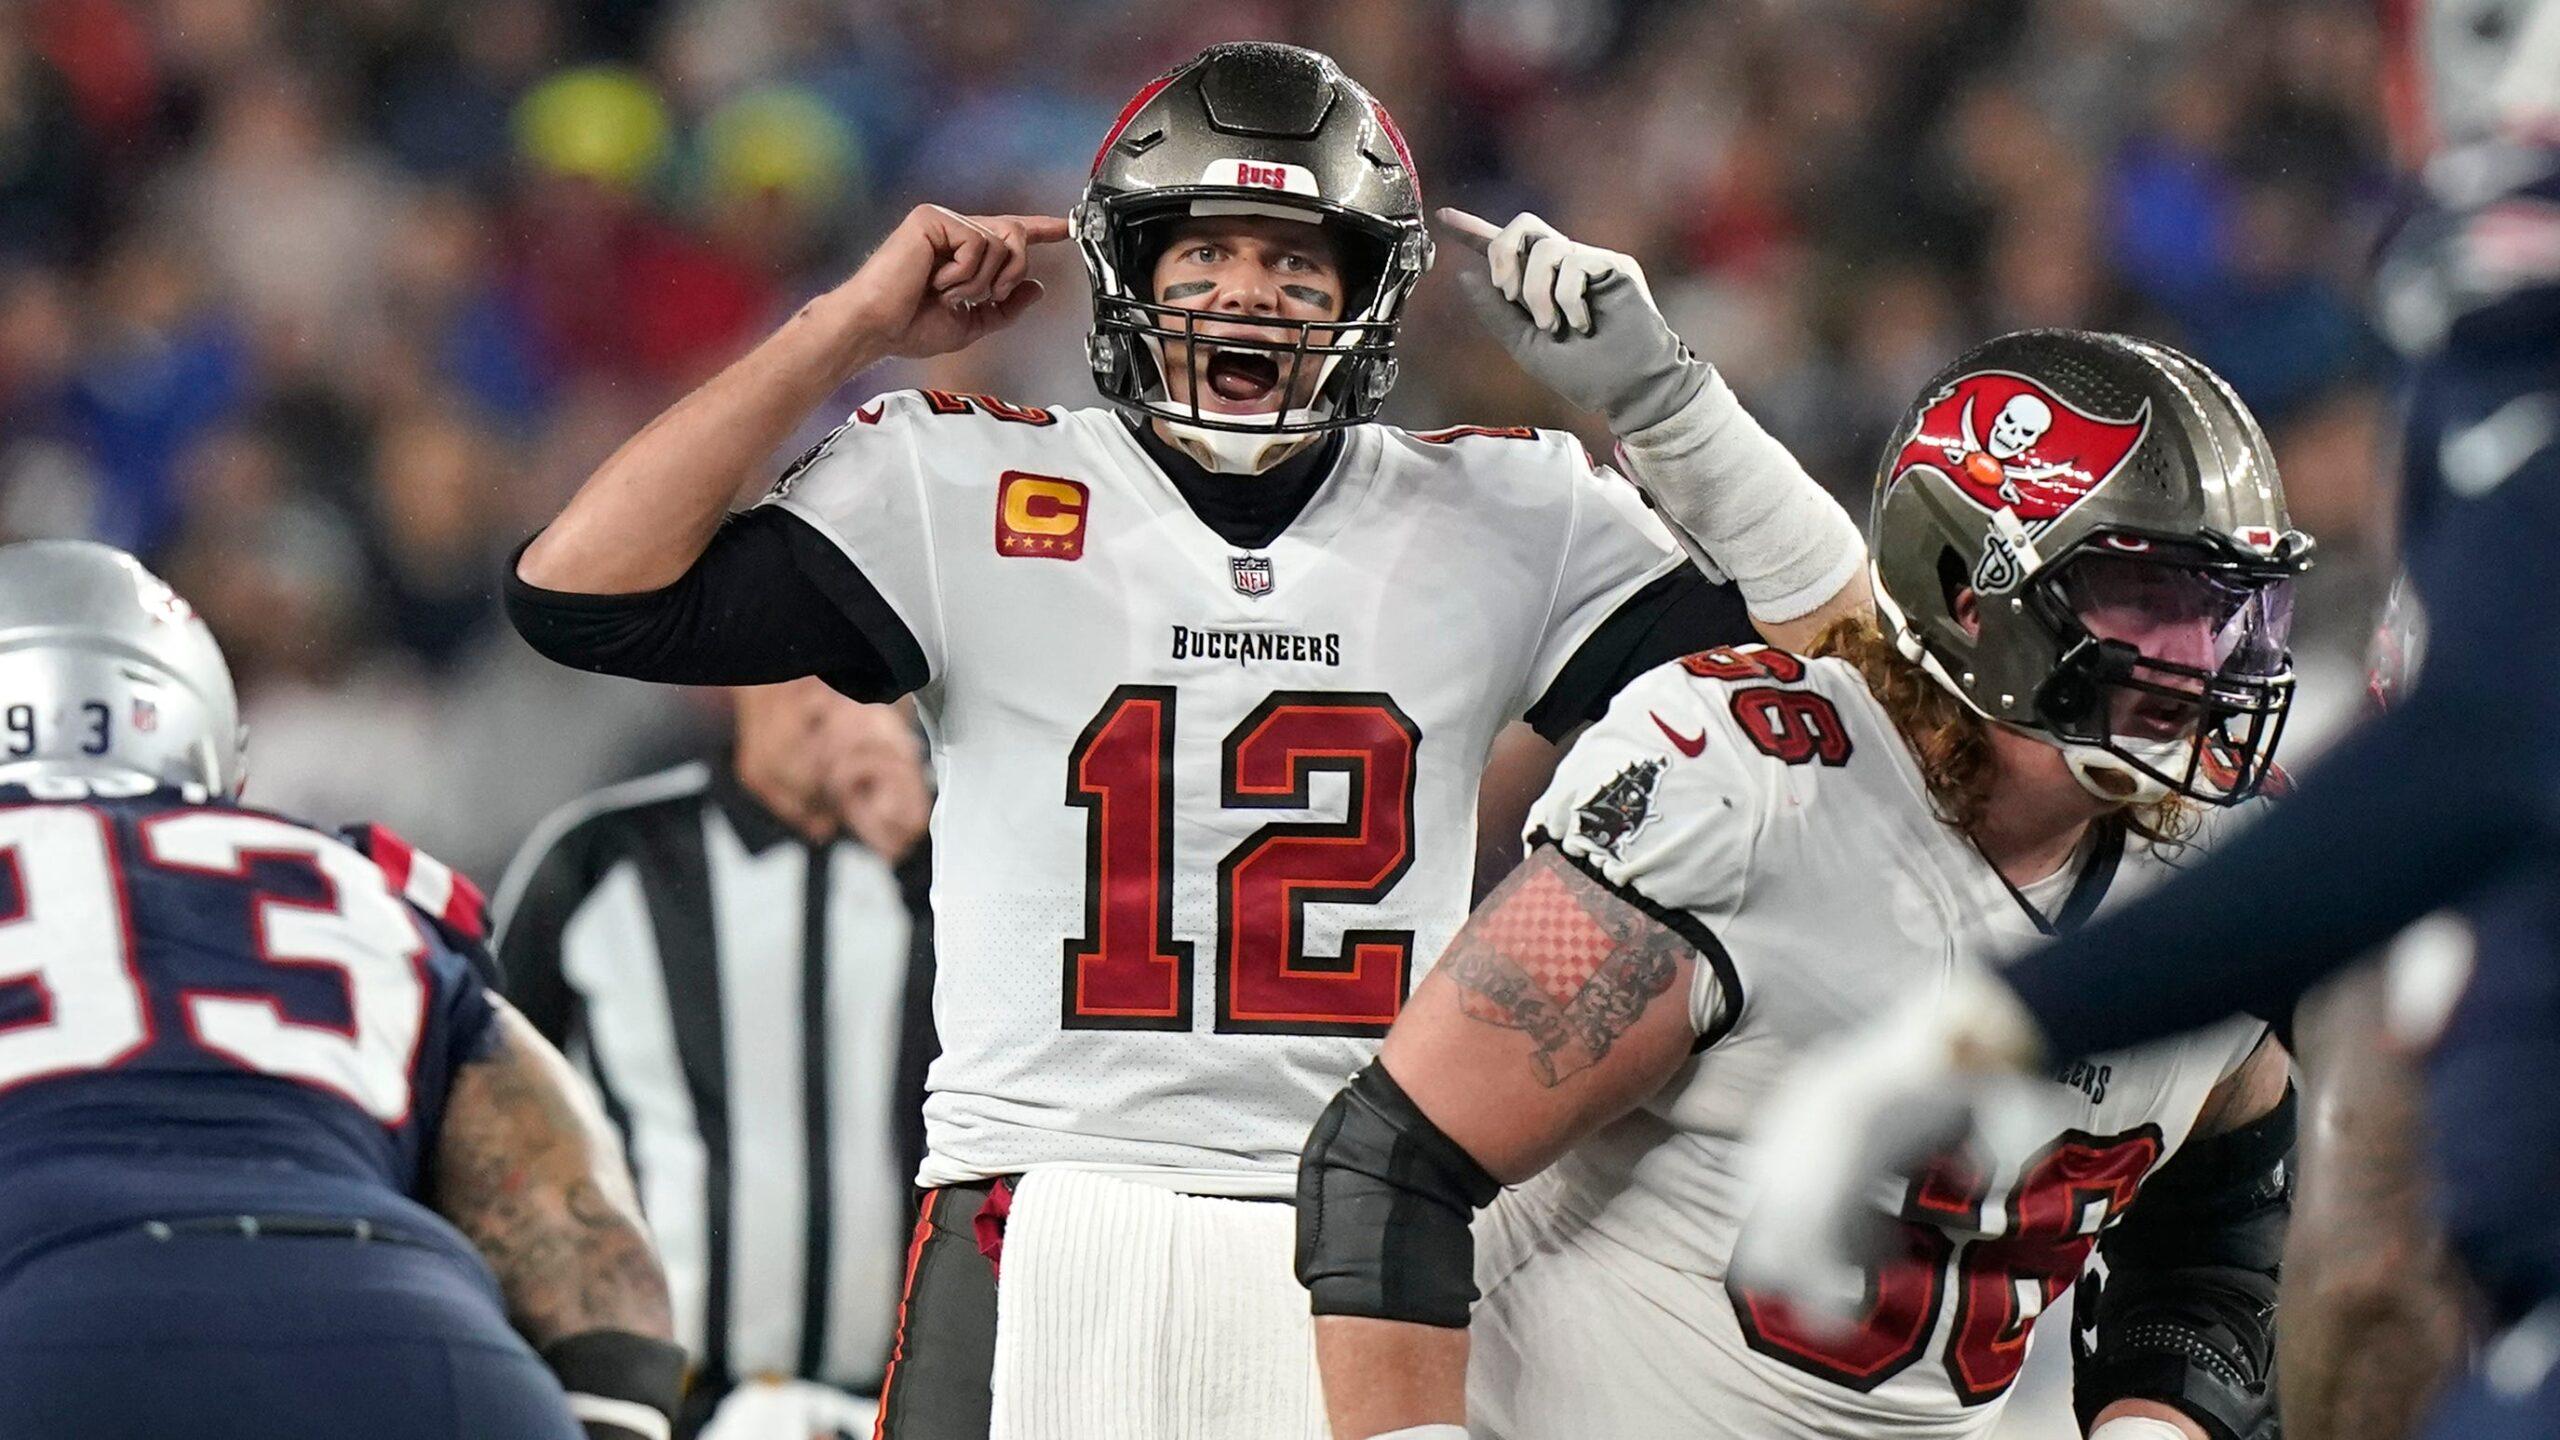 סיכום מחזור 4 ב-NFL / צוות הופס פוטבול